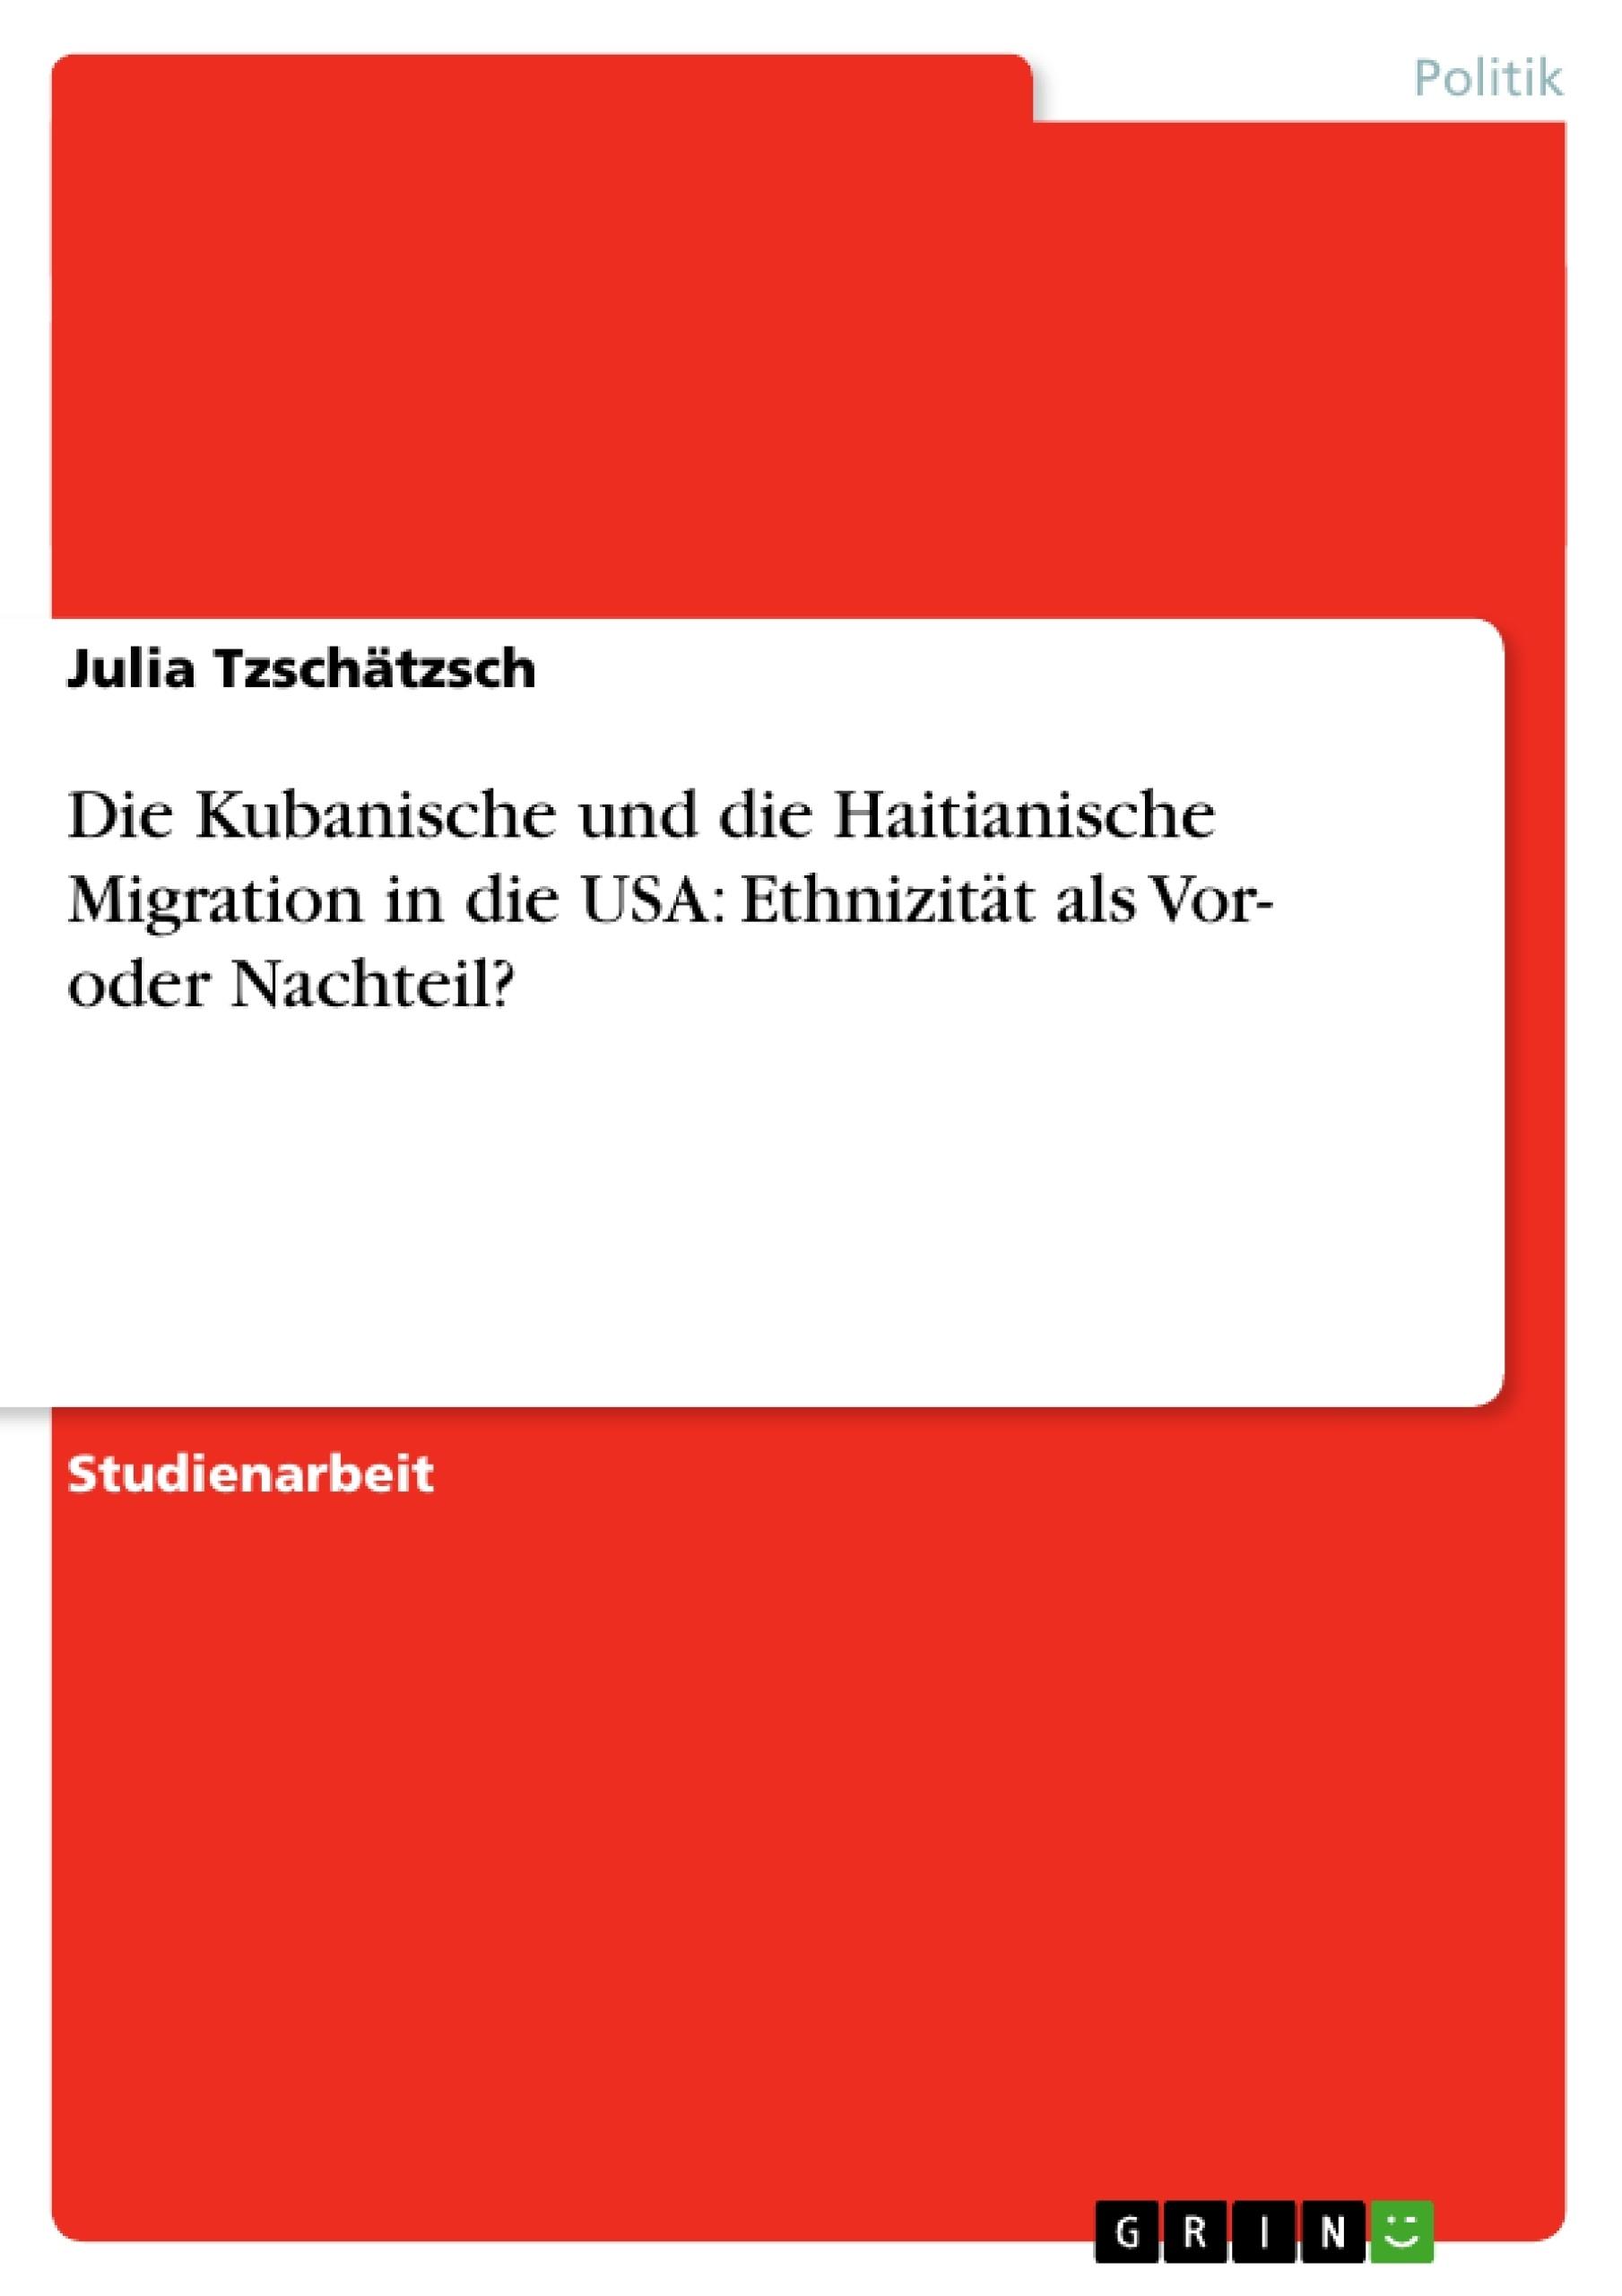 Titel: Die Kubanische und die Haitianische Migration in die USA: Ethnizität als Vor- oder Nachteil?